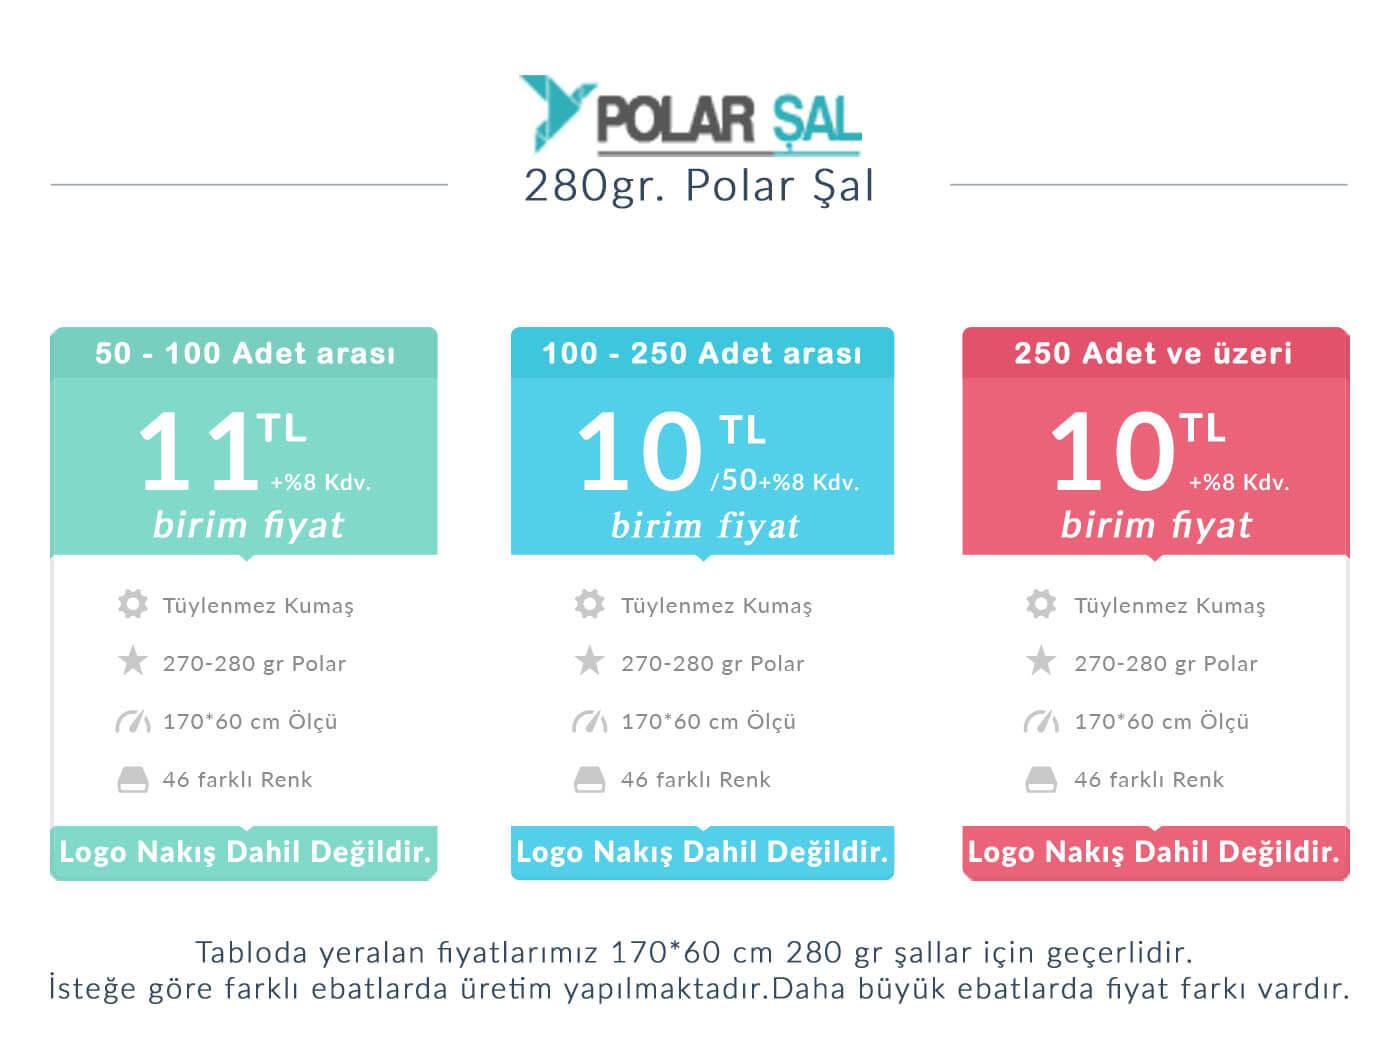 polar şal fiyatları